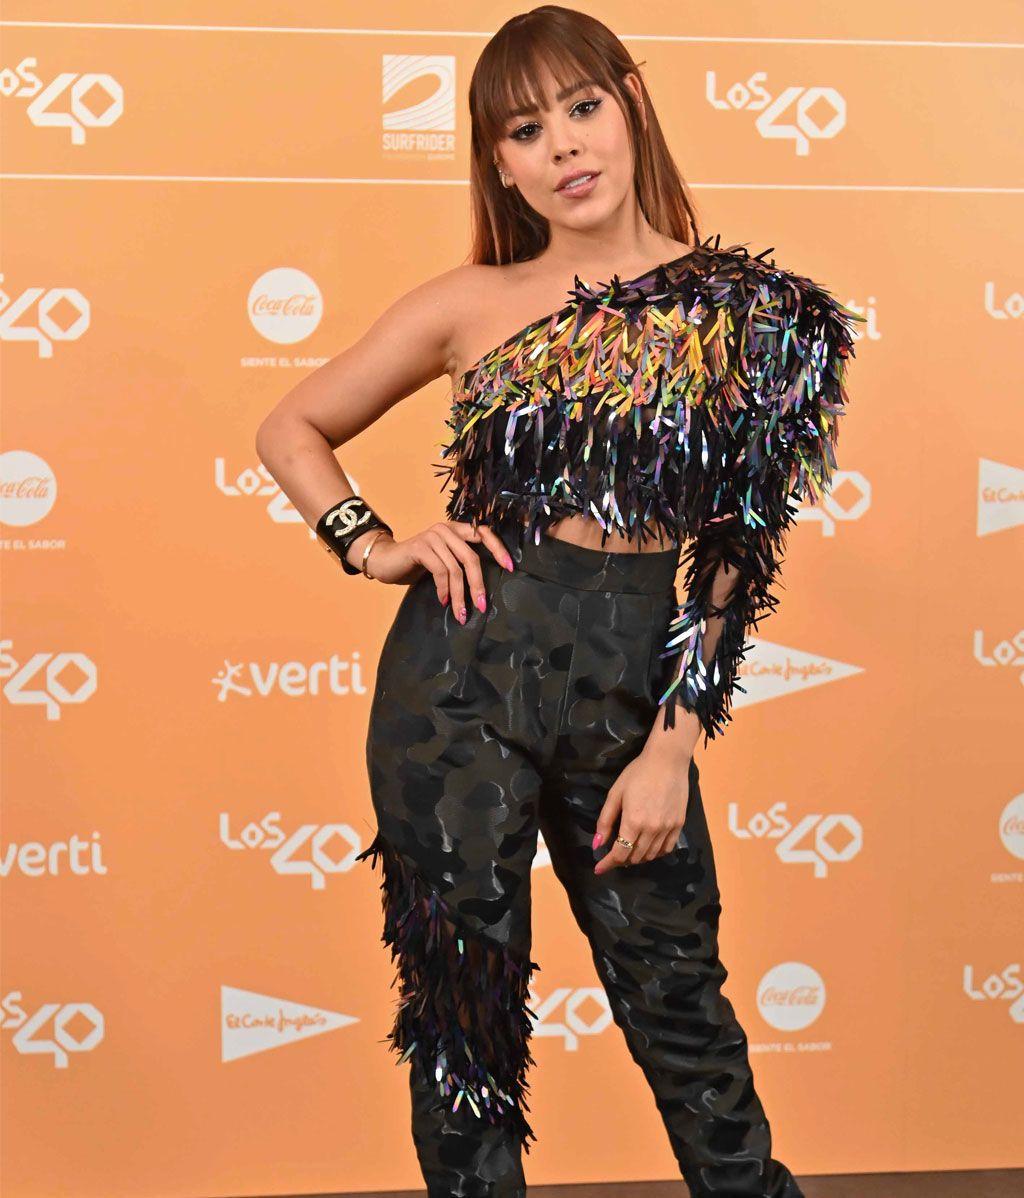 Aitana, Lola Índigo, Danna Paola o Ana Guerra: así han sido sus looks en LOS40 PRIMAVERA POP 2019